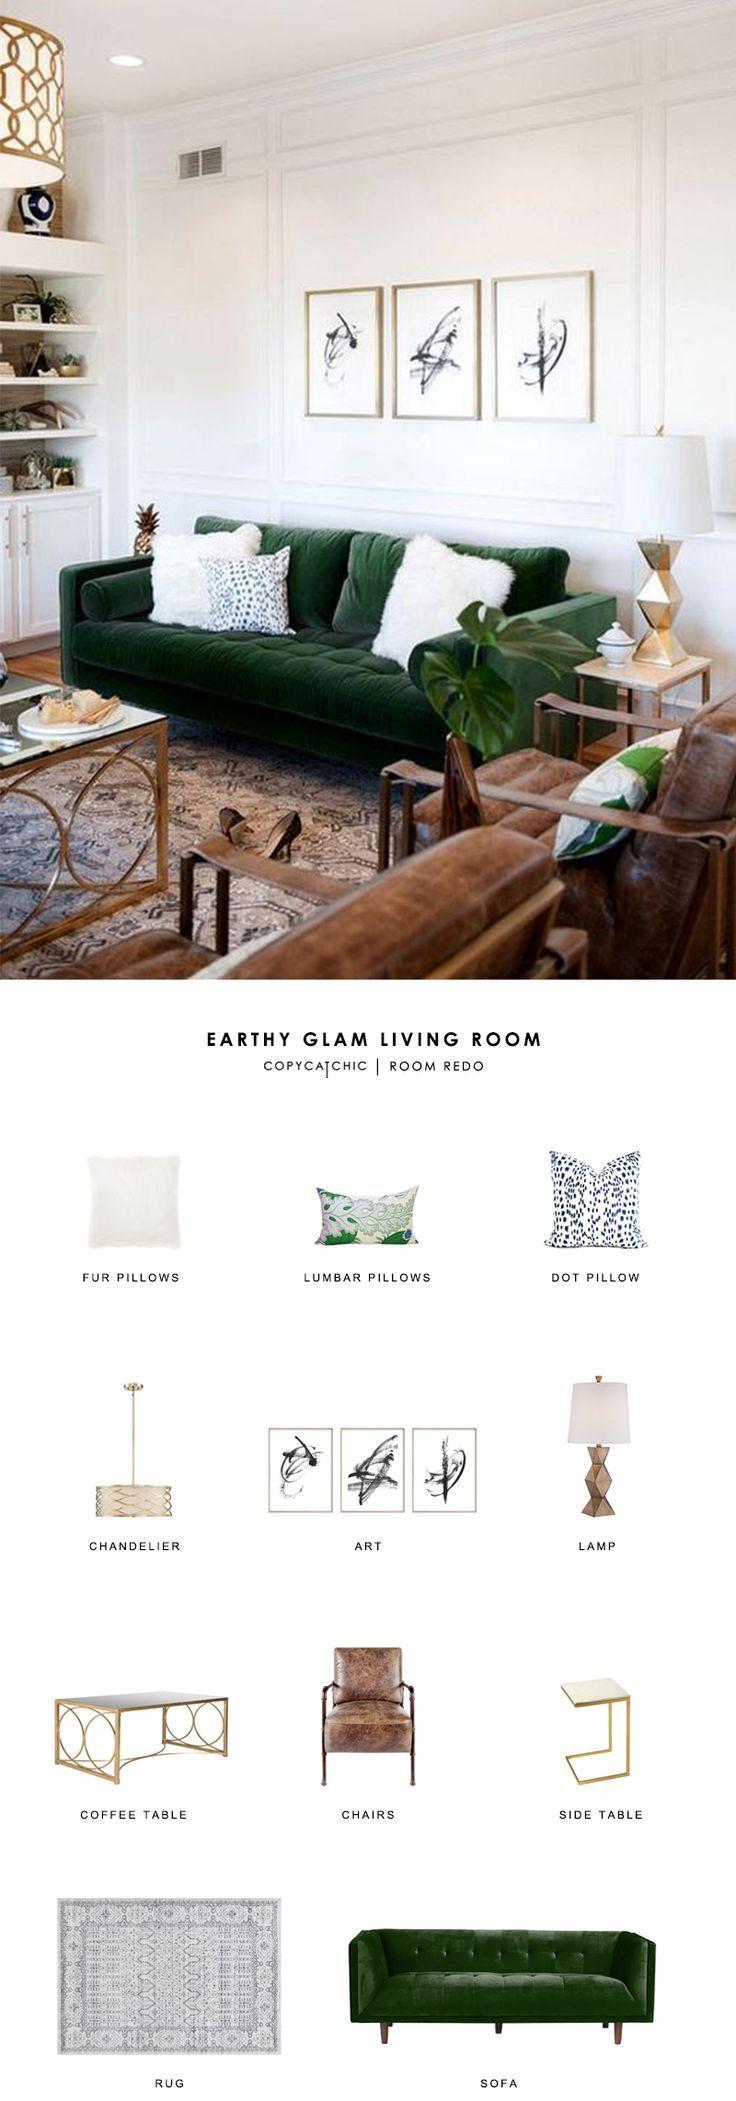 Dieses erdige Glam Green Living Room in Suburban B ist für weniger als